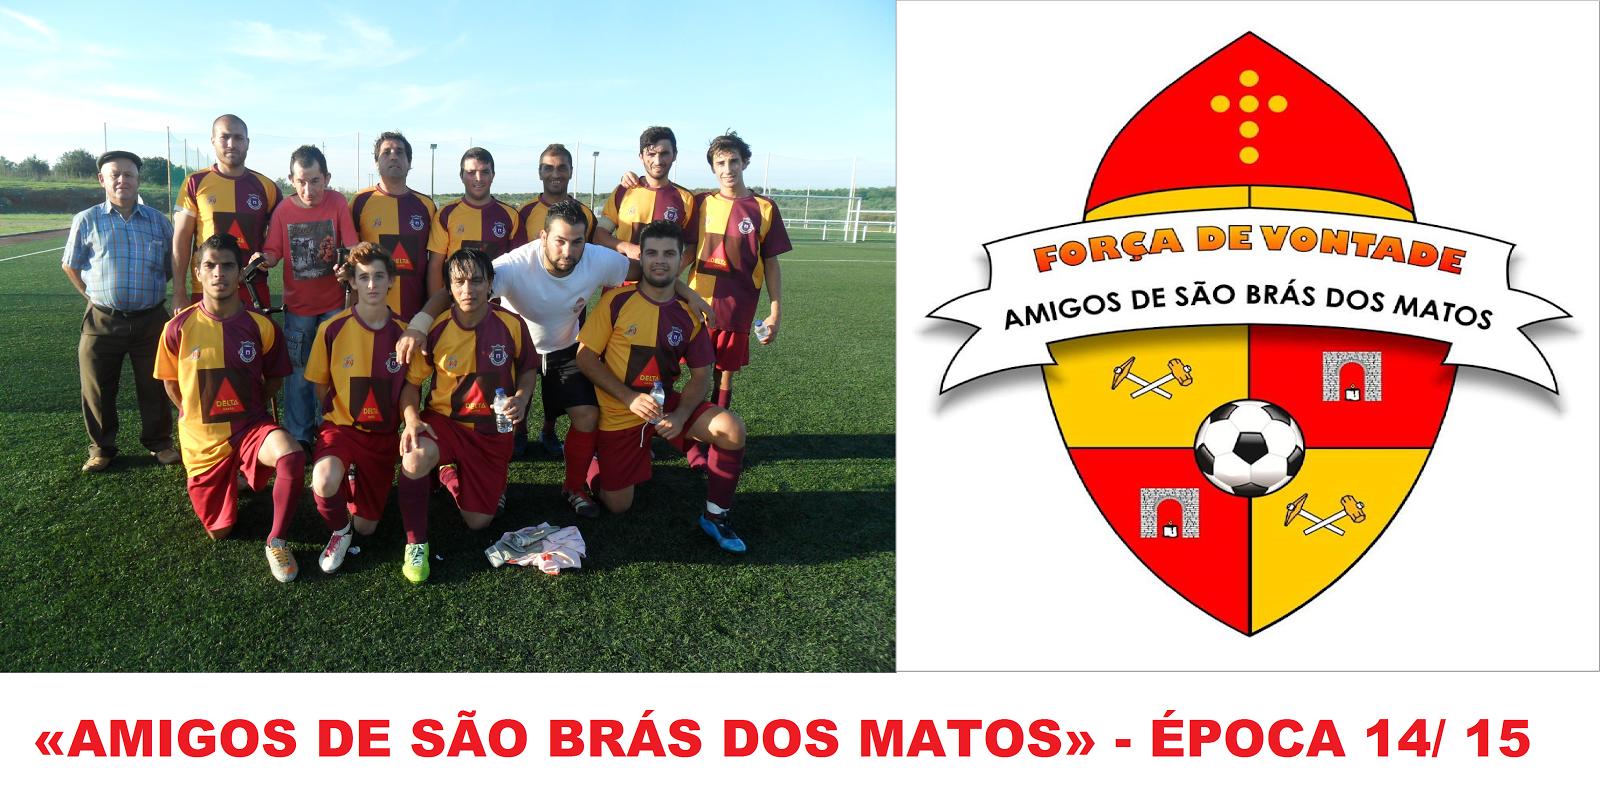 EQUIPA DE FUTEBOL «AMIGOS DE SÃO BRÁS DOS MATOS» - ÉPOCA DESPORTIVA 14/ 15